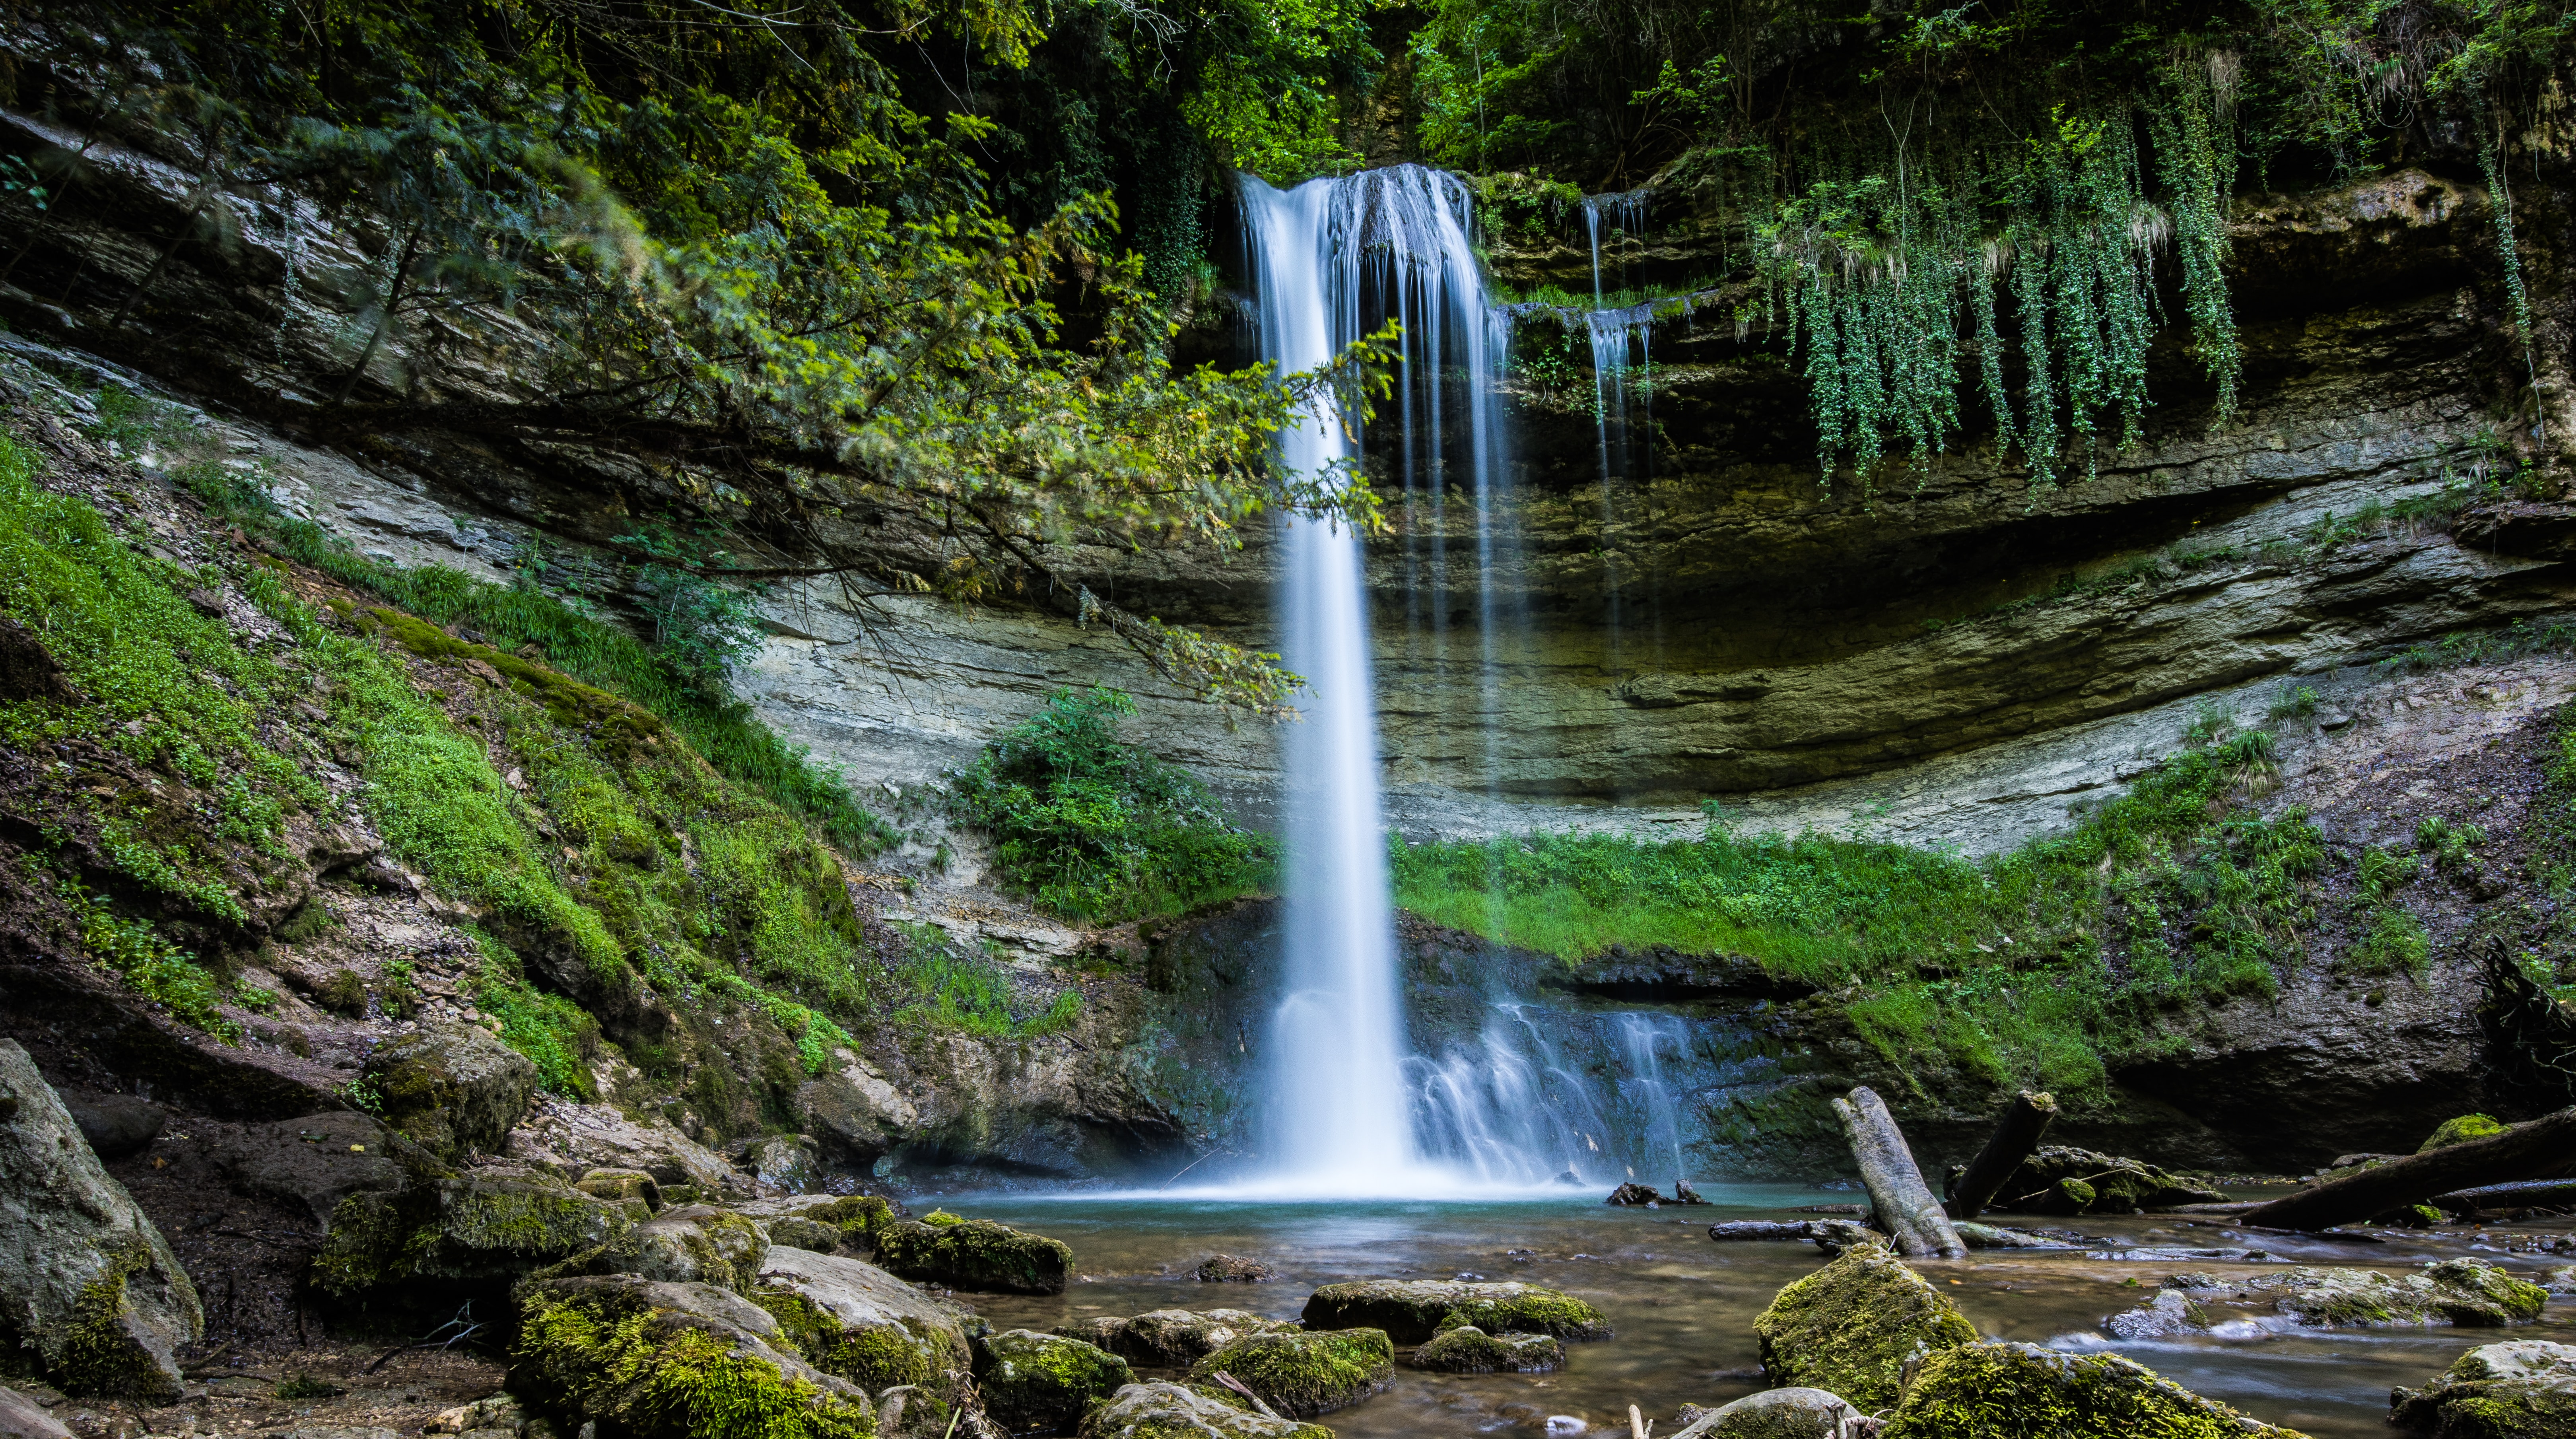 111122 завантажити шпалери Пейзаж, Природа, Вода, Скелі, Порід, Водоспад - заставки і картинки безкоштовно